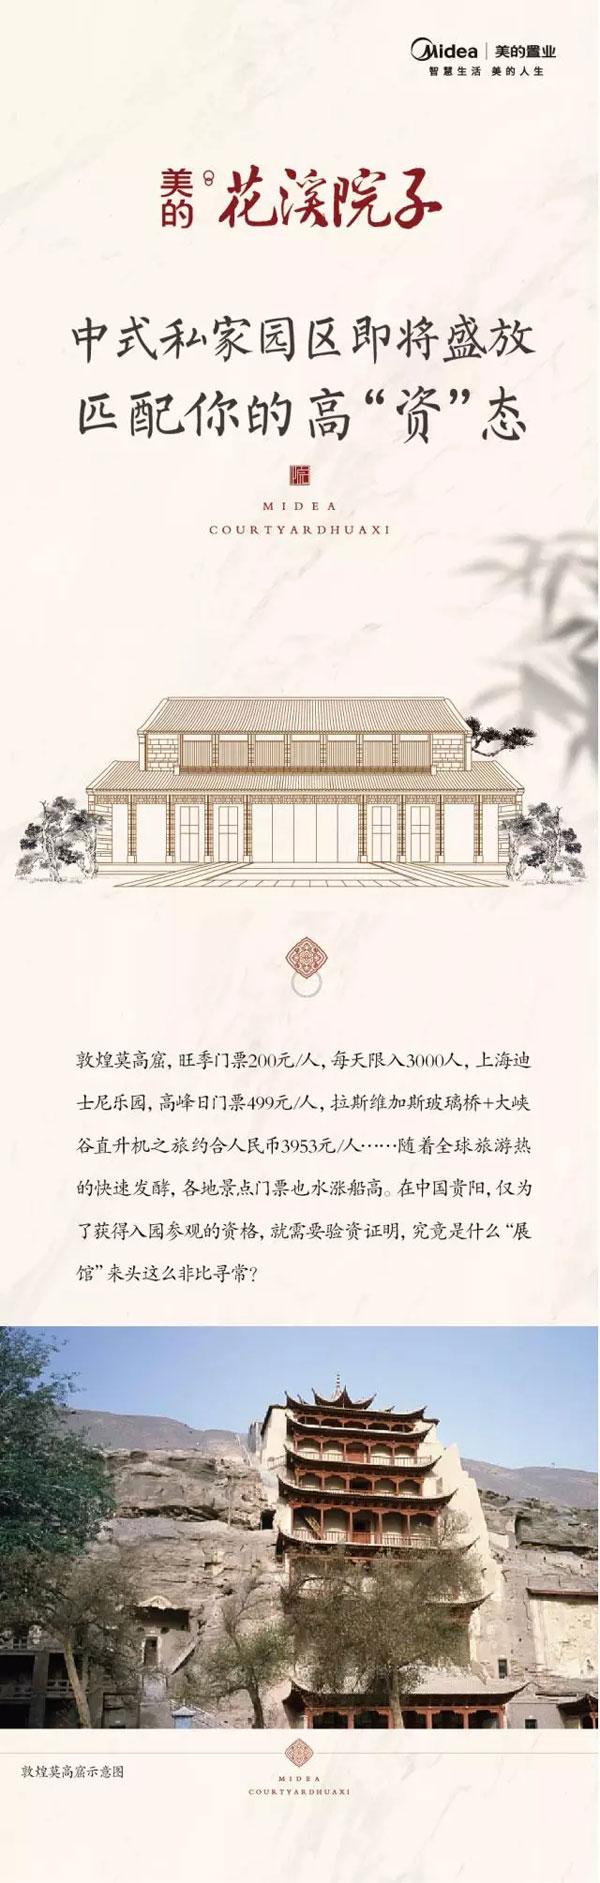 贵阳美的花溪院子中式私家园区即将盛放-中国网地产